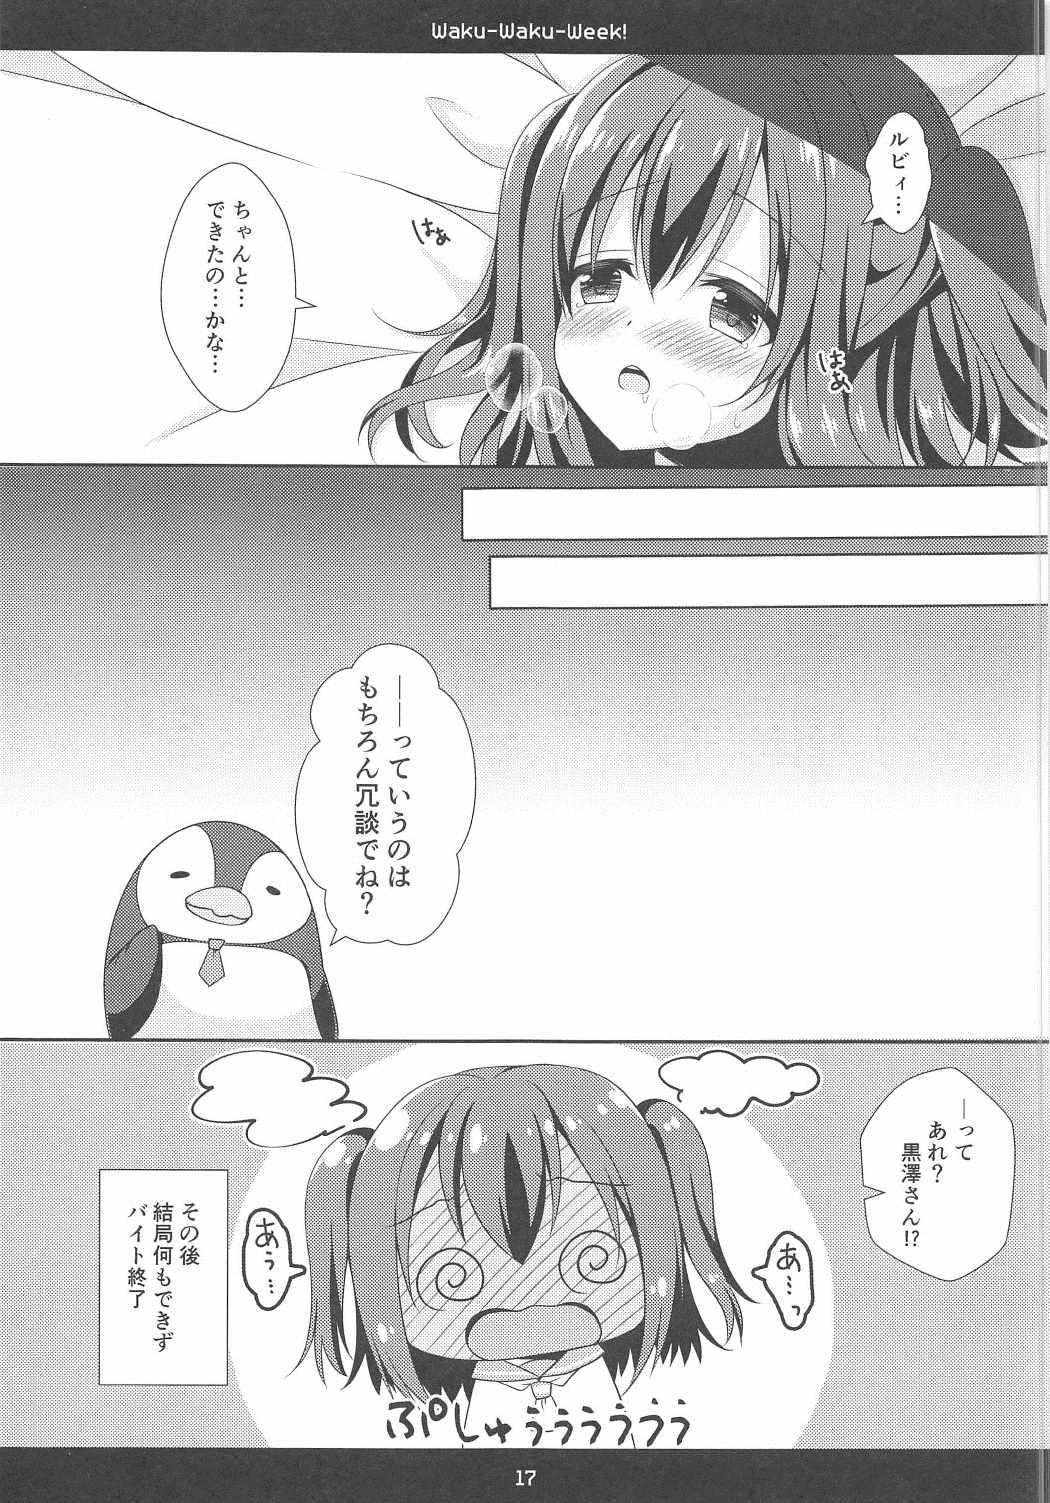 仕事がなくて水族館でペンギンのバイトをするも使えなさ過ぎて飼育員のおにぃさんのお世話をすることにwwww【ラブライブ! エロ漫画・エロ同人】 (16)